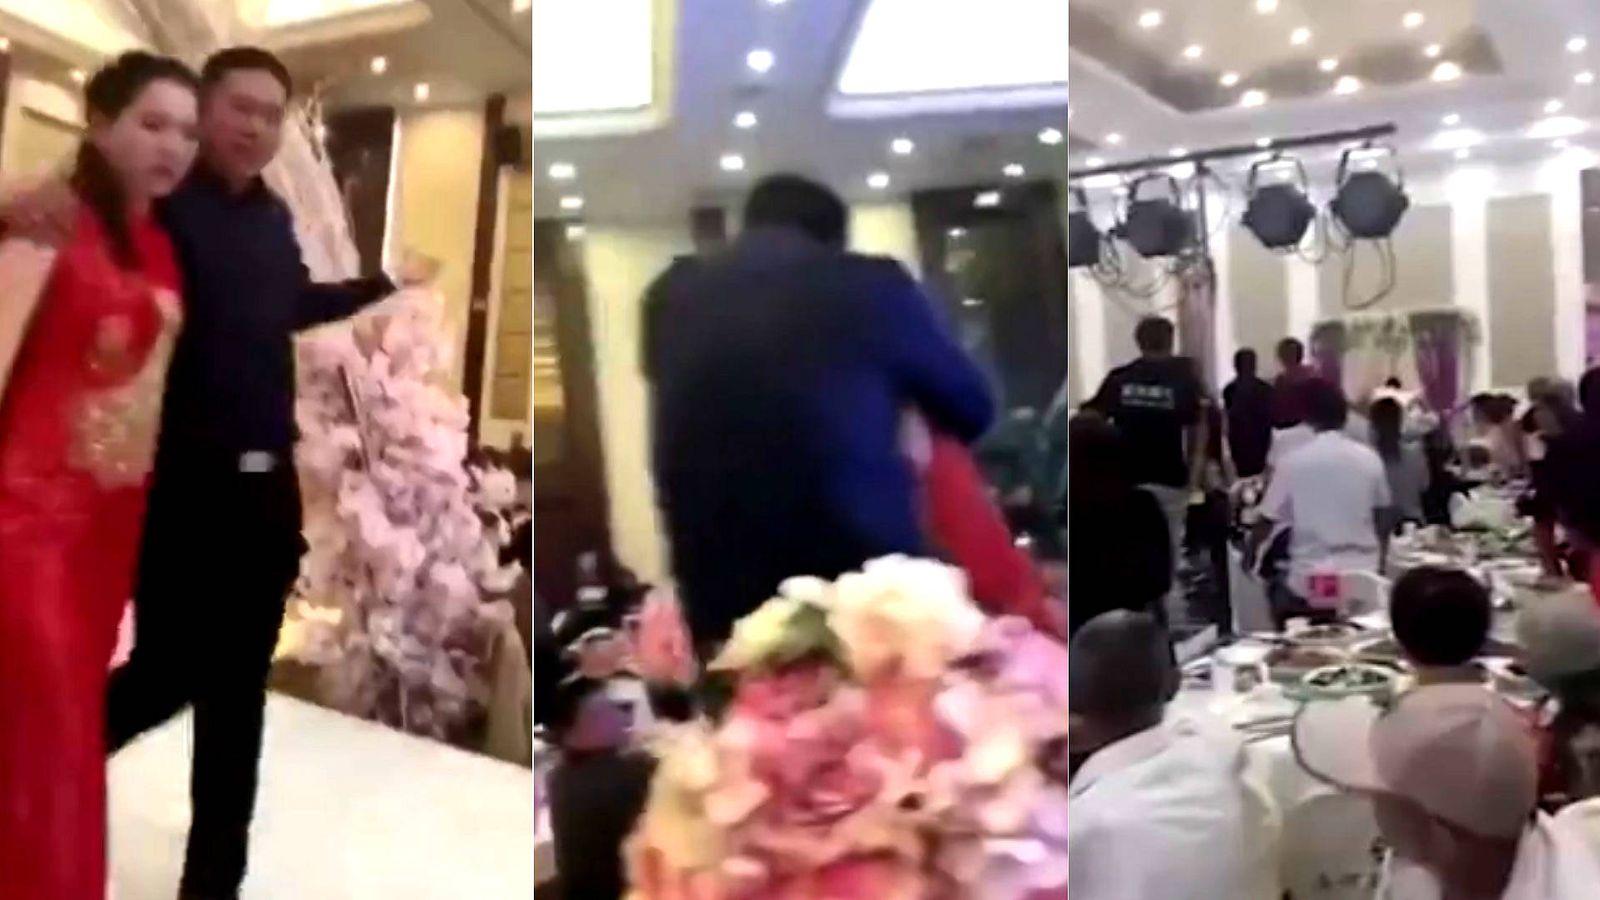 Foto: Capturas del vídeo del suegro que ha besado a la novia de su hijo. (YouTube)